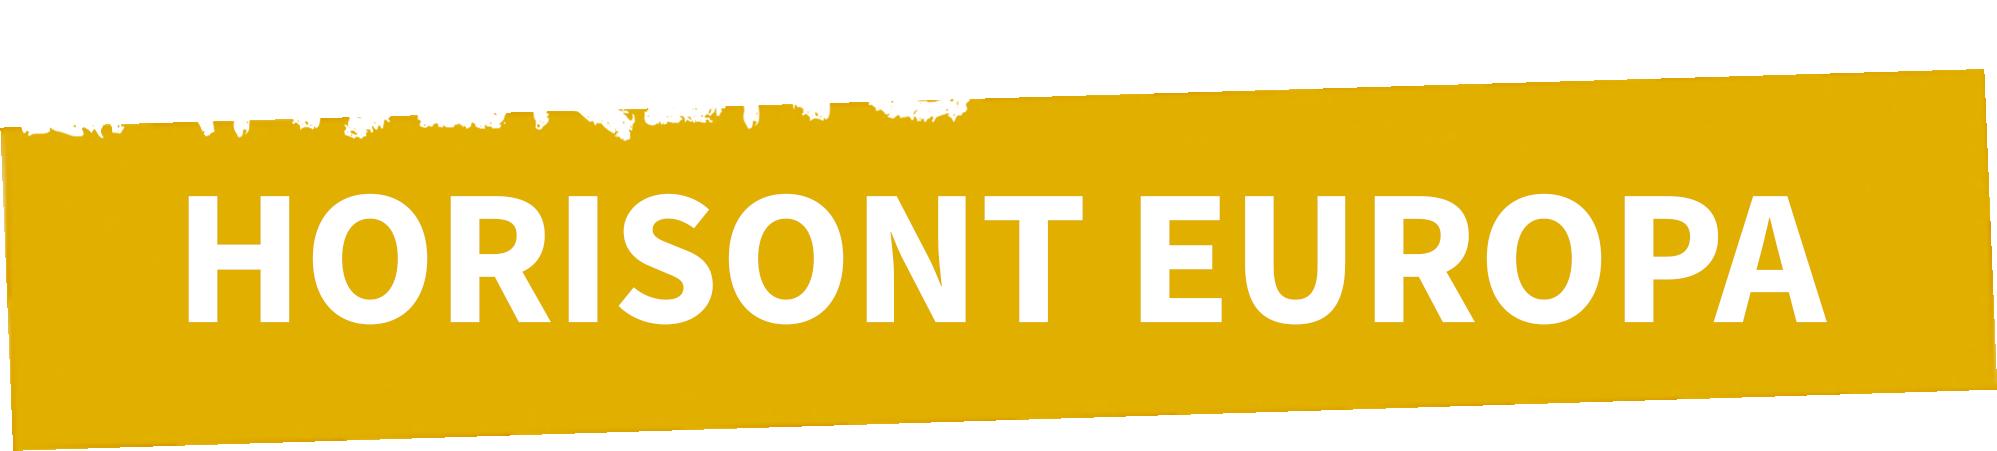 horisonteuropa_lansering_ny_logo